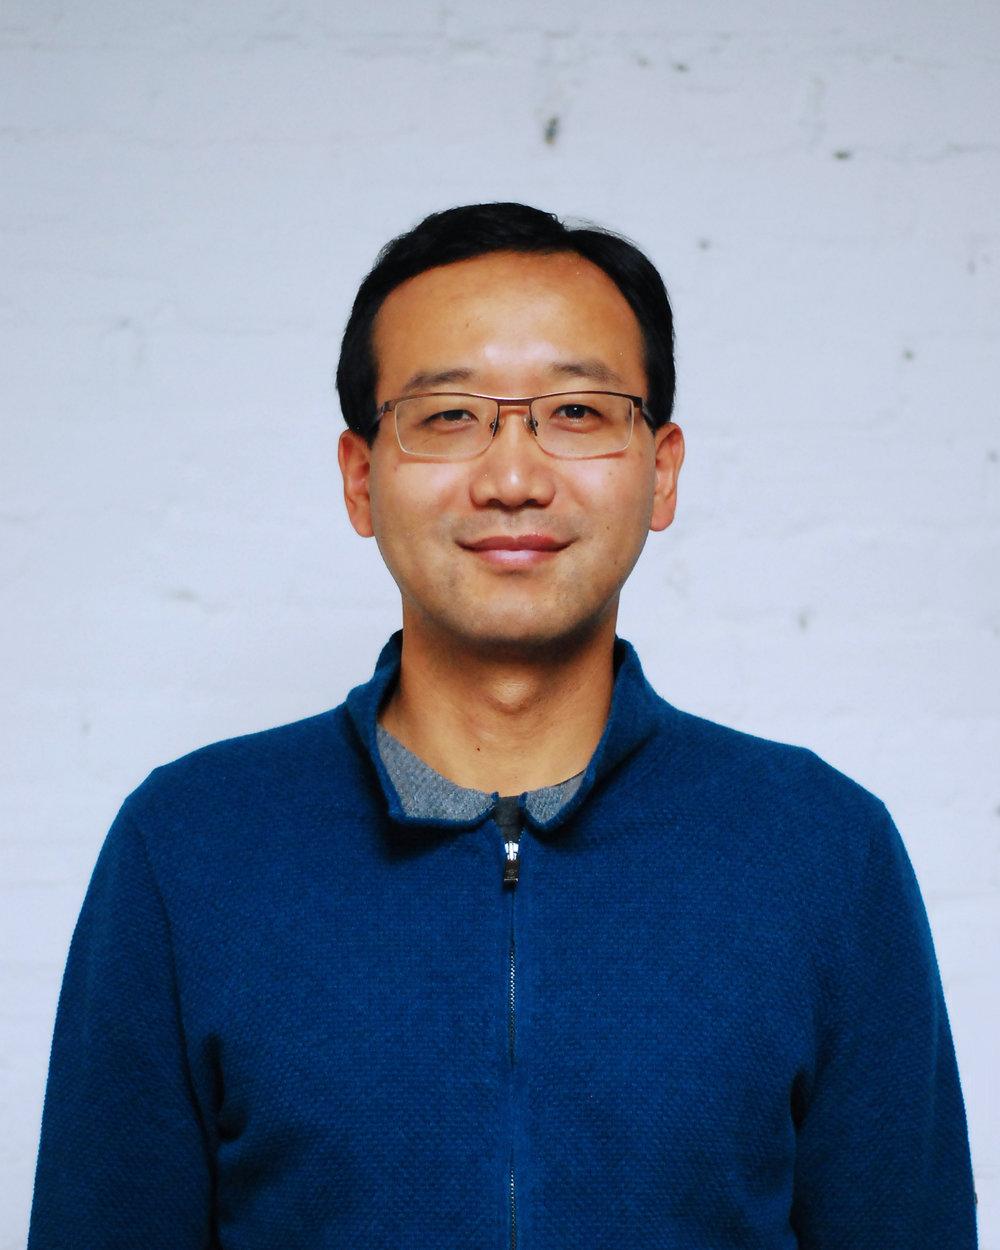 Bin Zhu - Co-Fondateur et chef de la direction technique